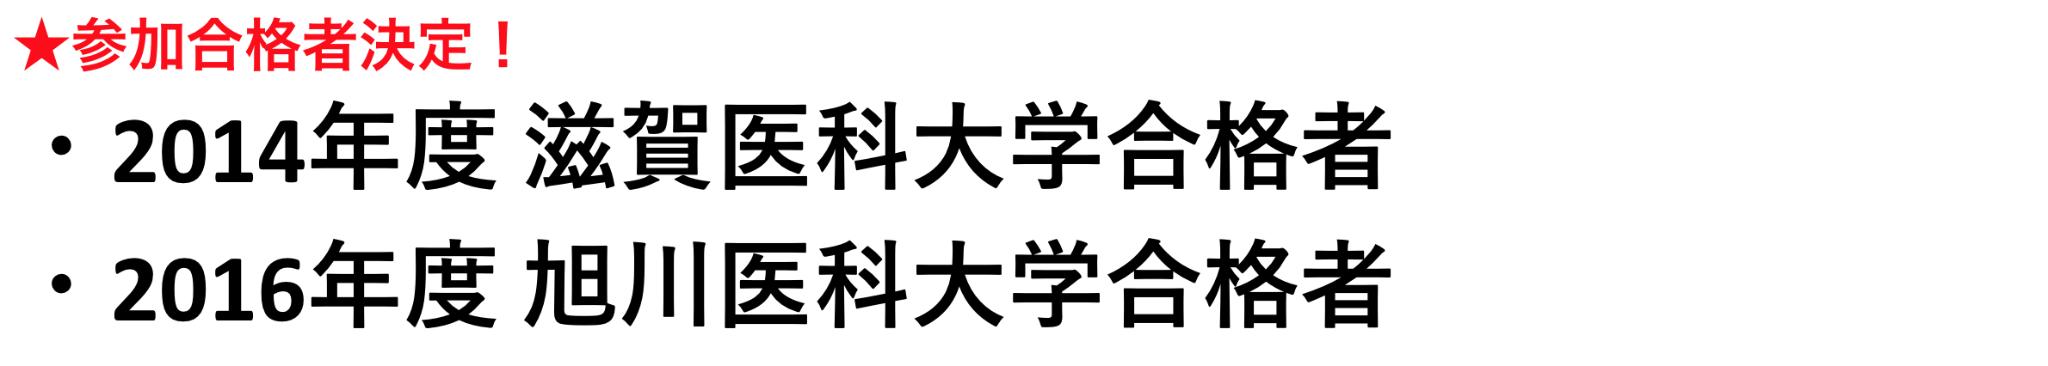 京都合格者